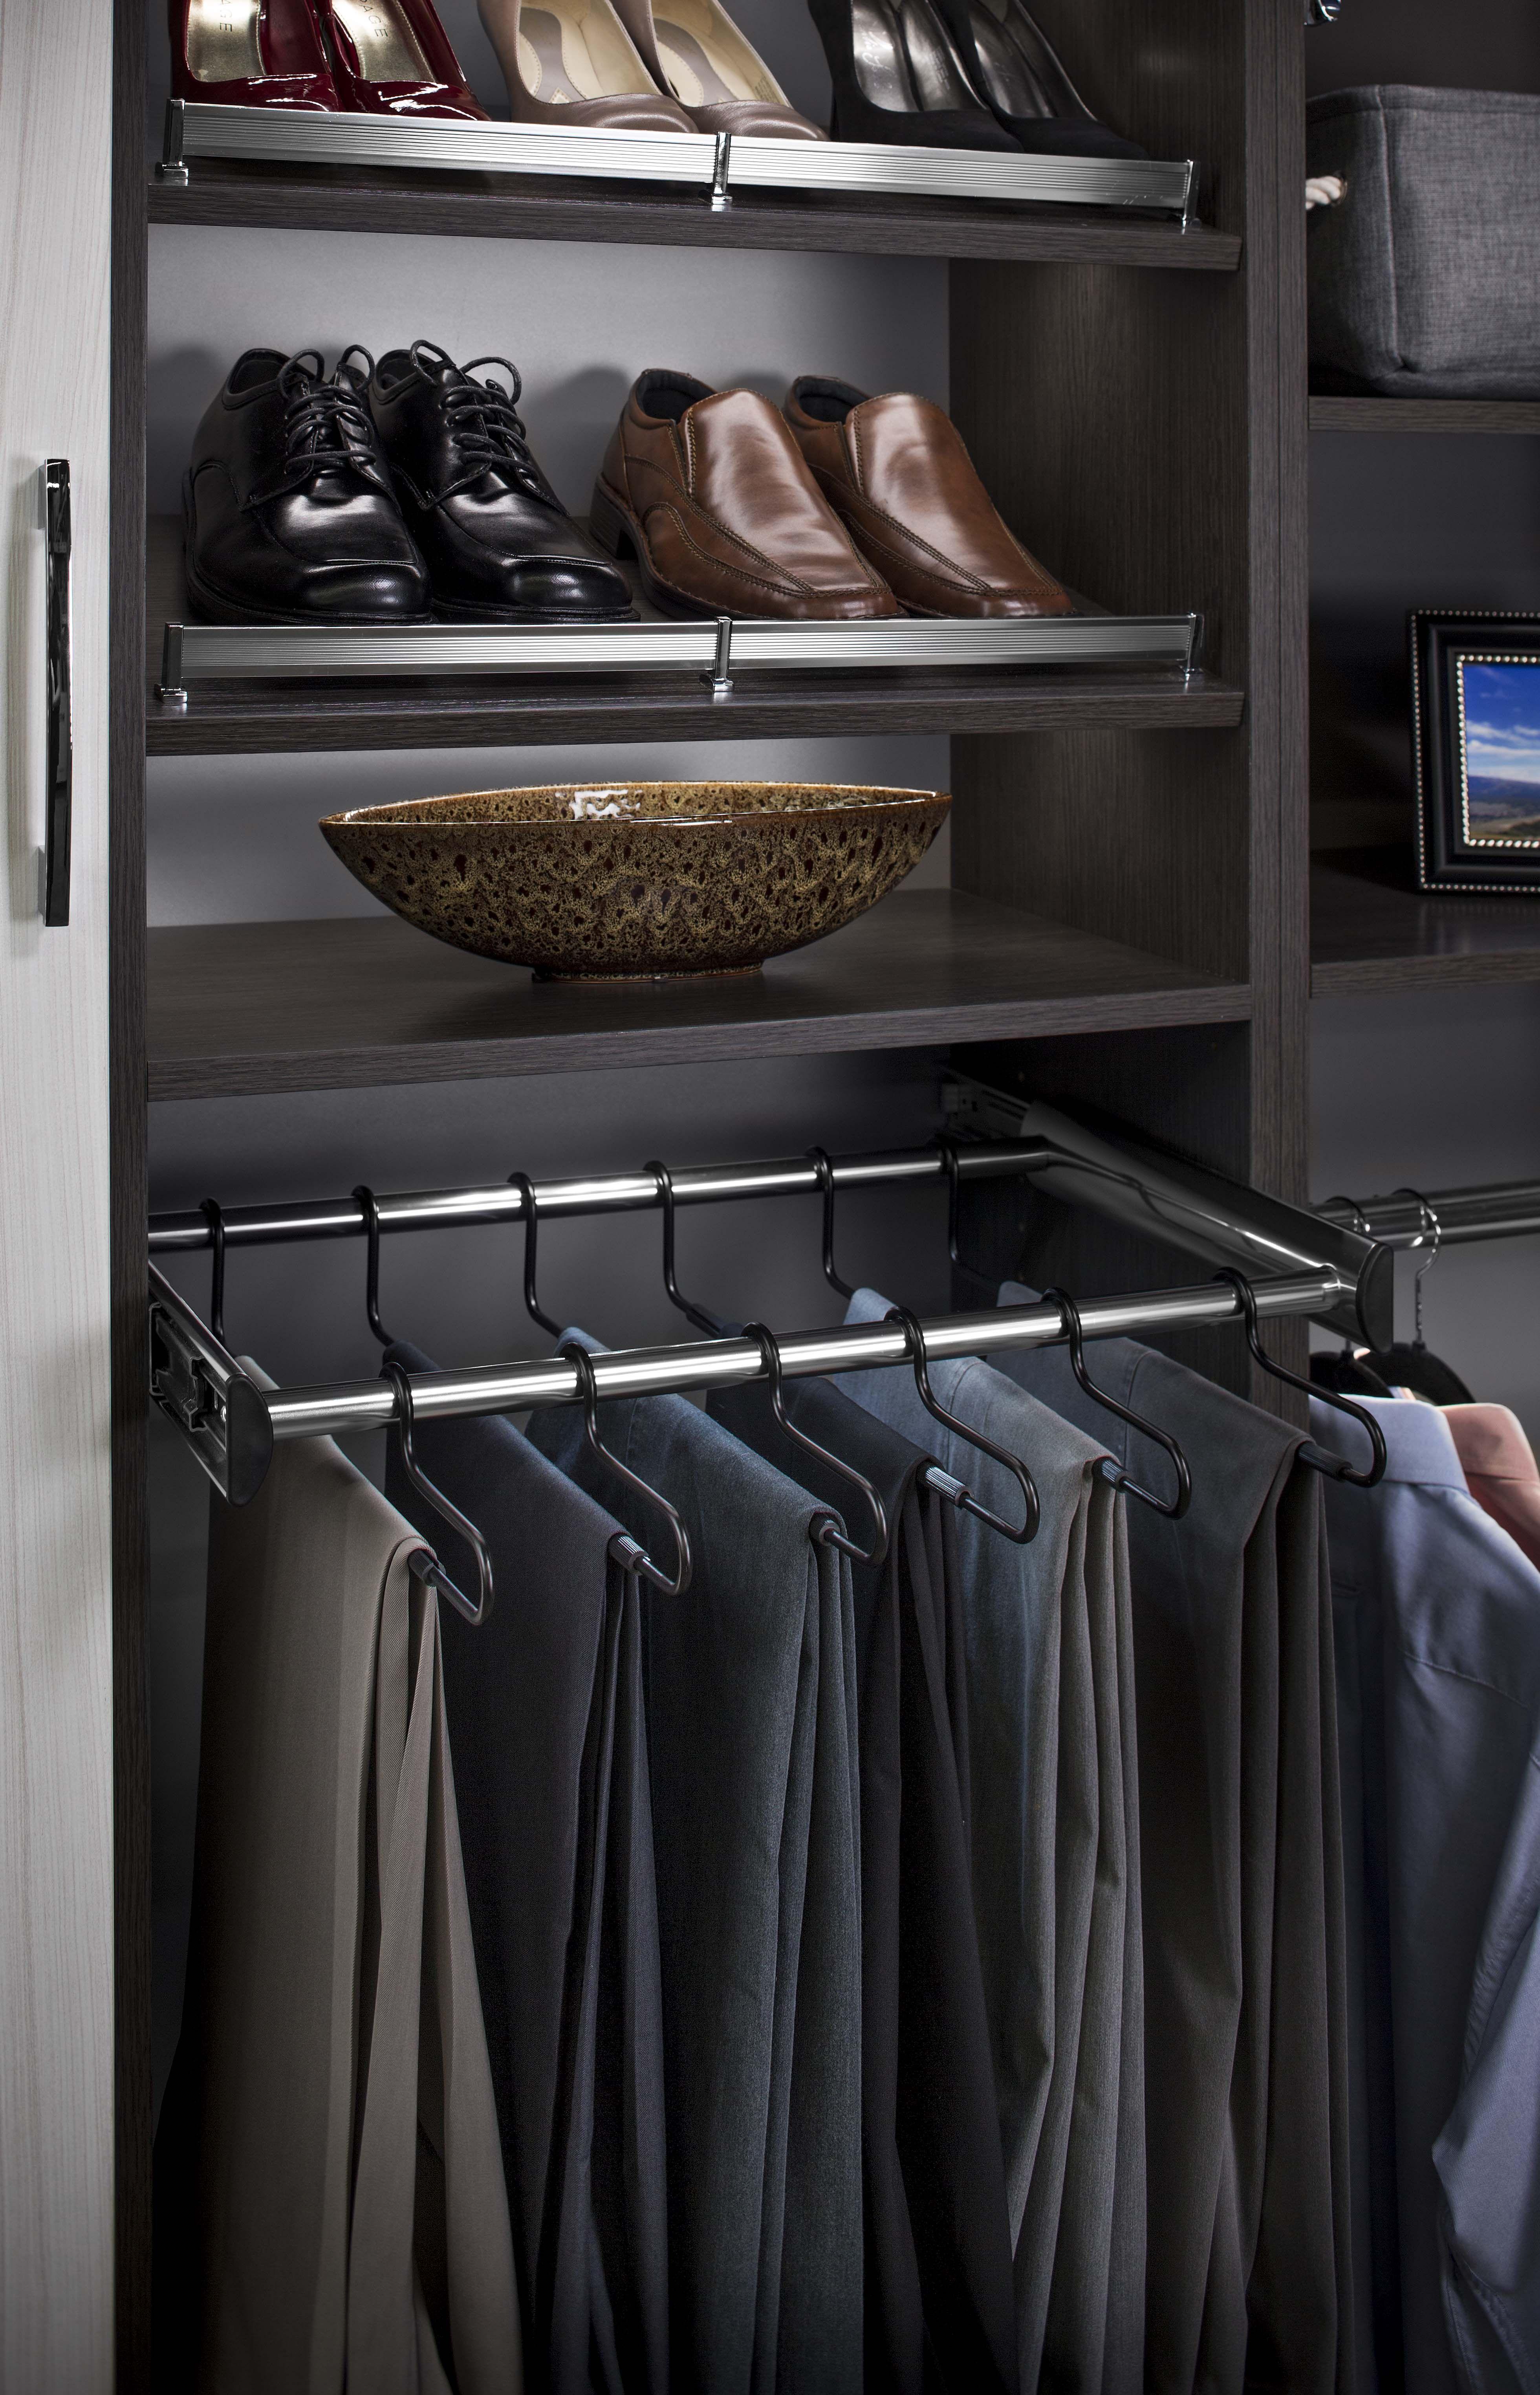 rack closet retractable pants dp inches amazon rod valet home com kitchen extendable ainger